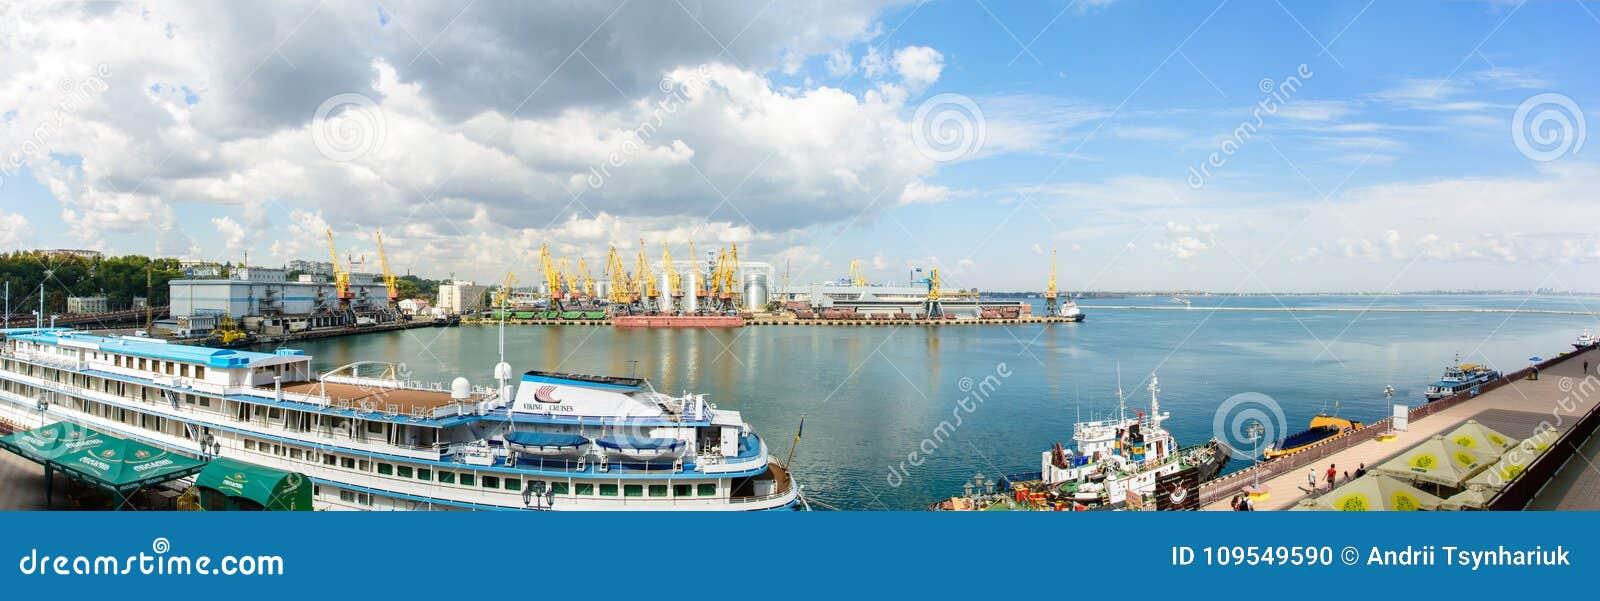 Wspaniała lato panorama Odessa port z pięknym statkiem